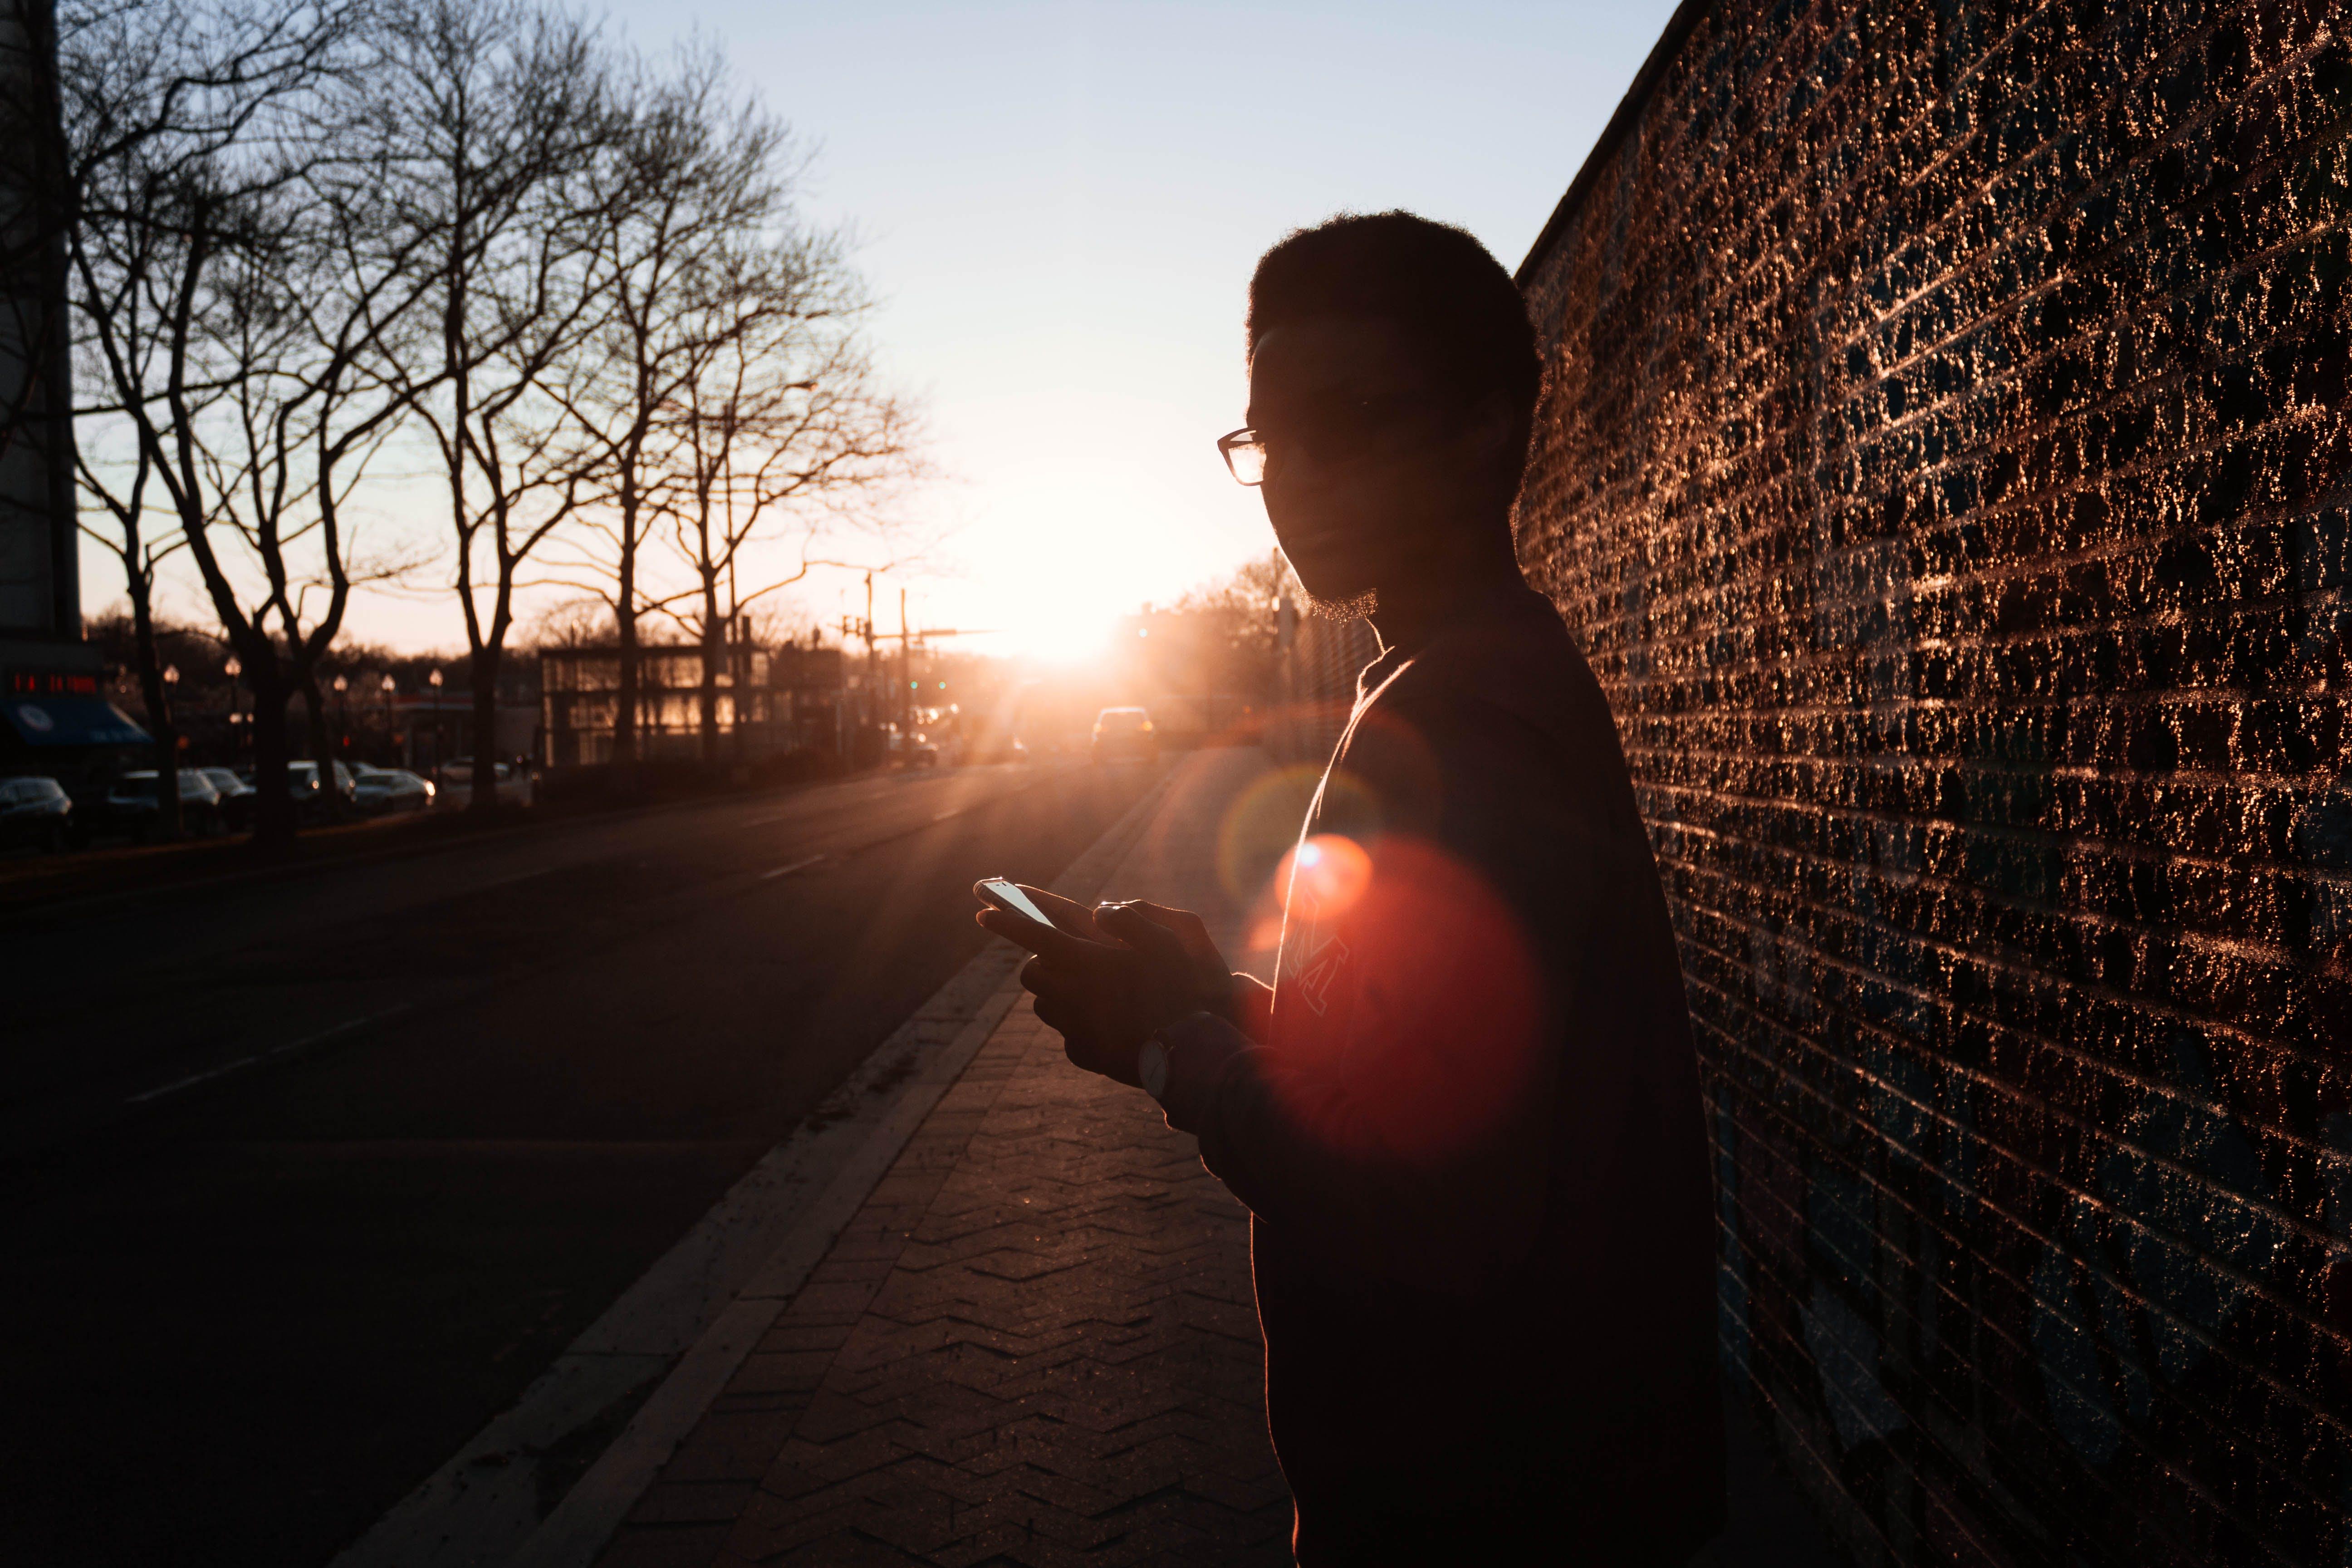 Δωρεάν στοκ φωτογραφιών με ακτίνες ηλίου, άνδρας, άνθρωπος, απογευματινός ήλιος